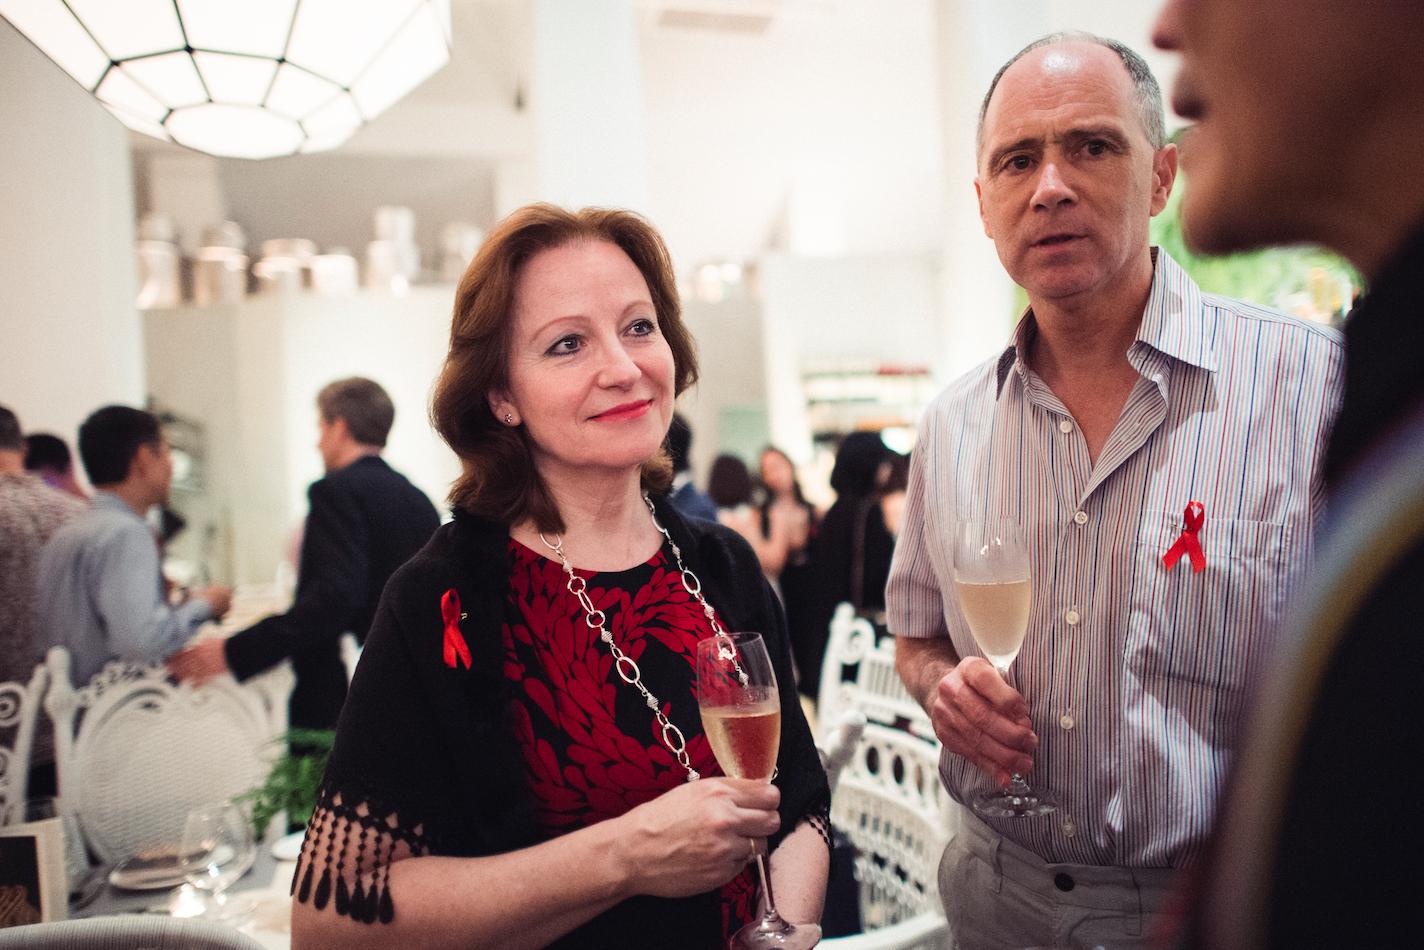 Scott Wightman, Anne Wightman